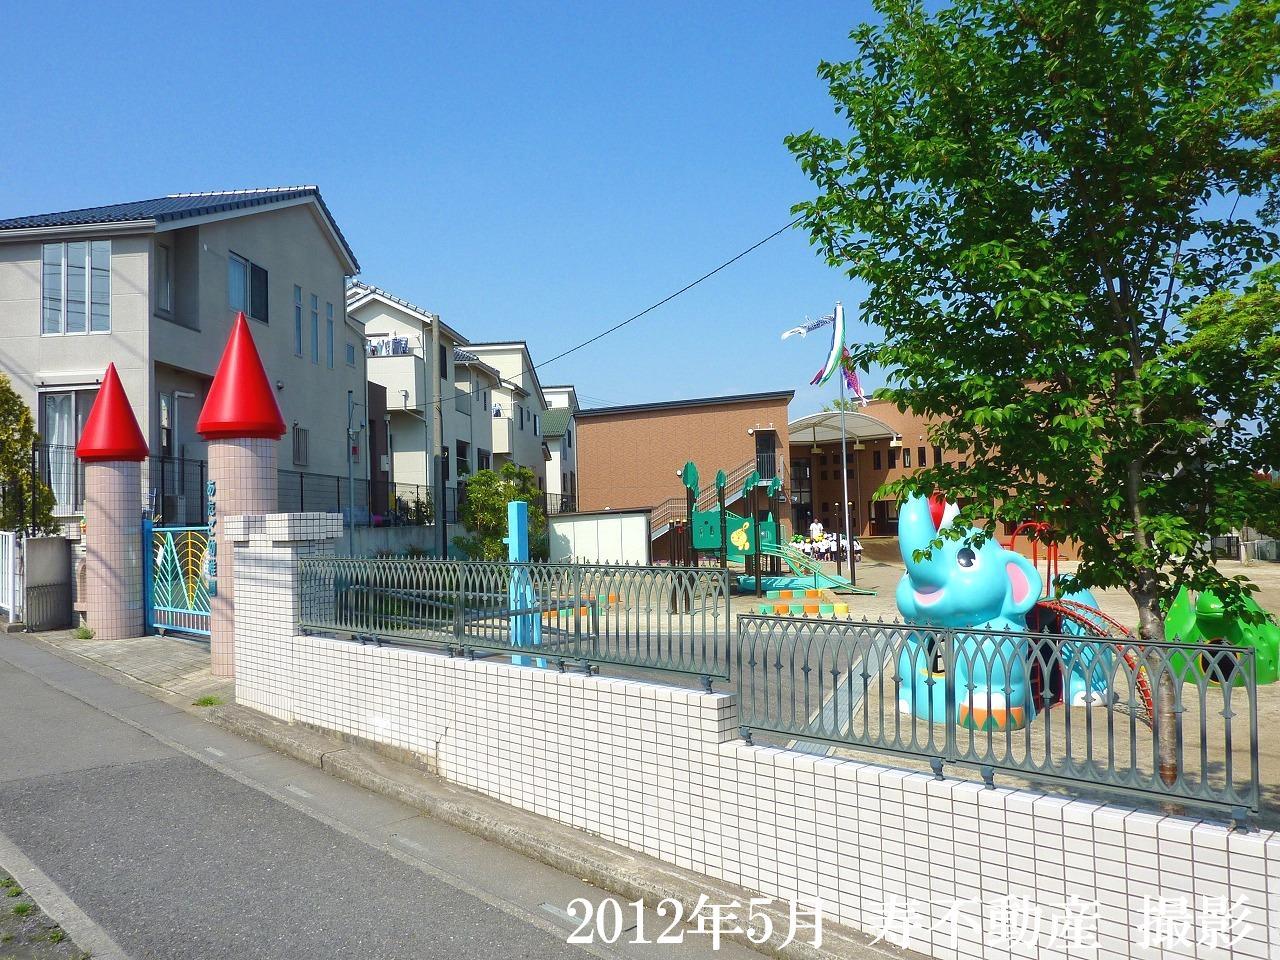 幼稚園・保育園 愛宕幼稚園(幼稚園・保育園)まで260m